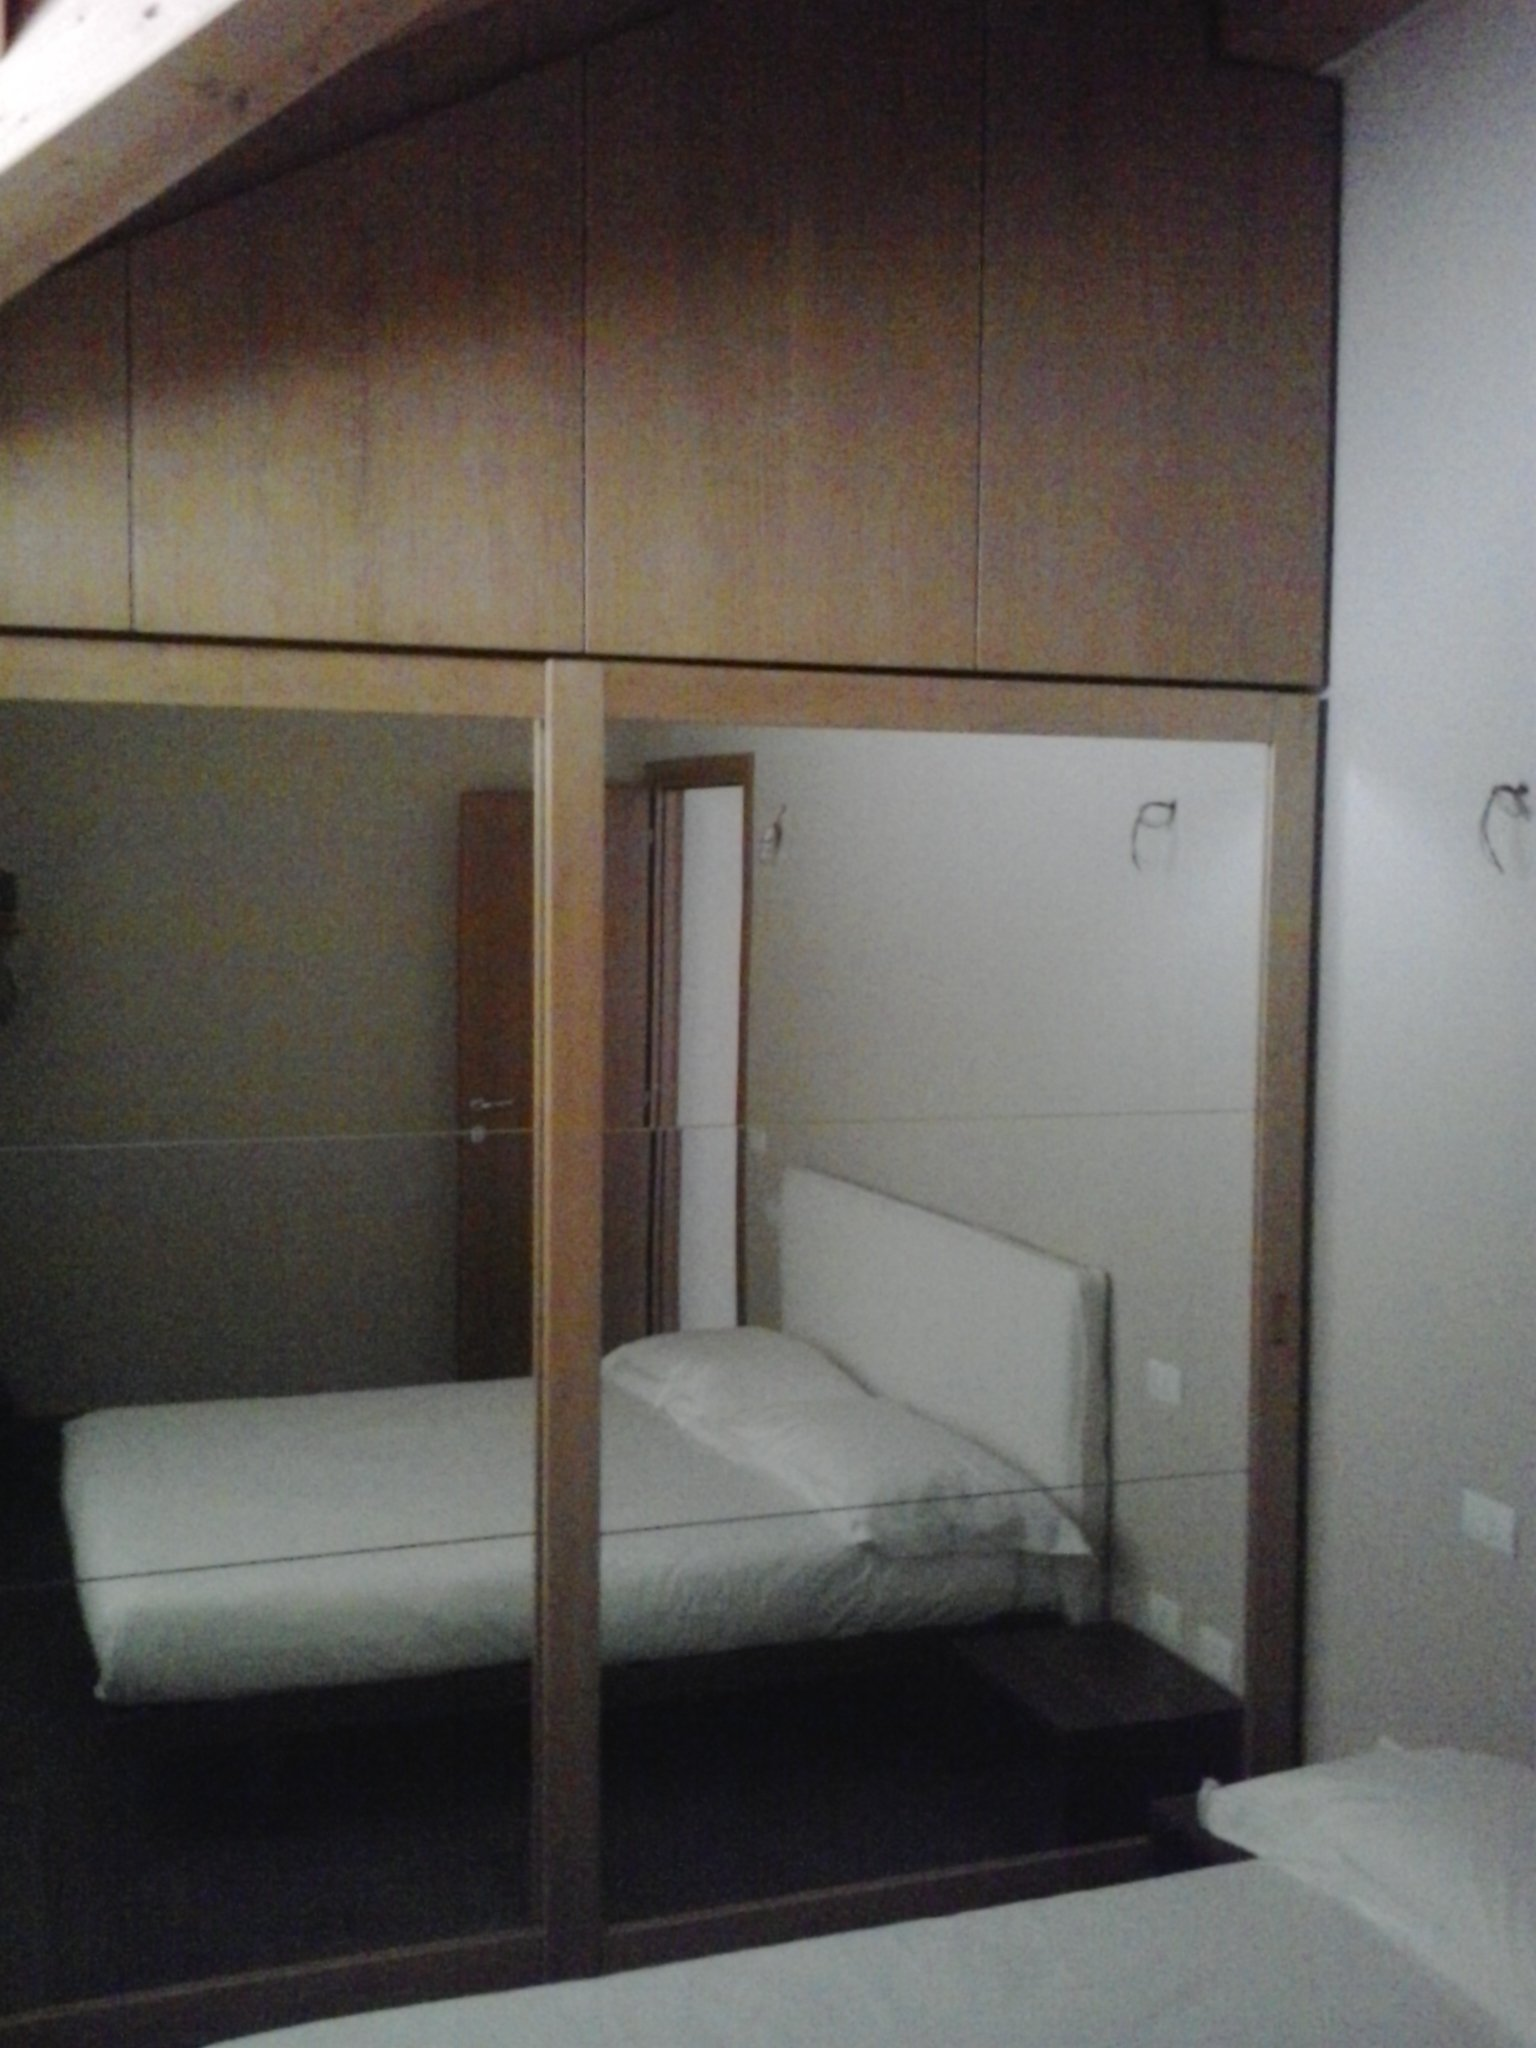 legno camera letto 2